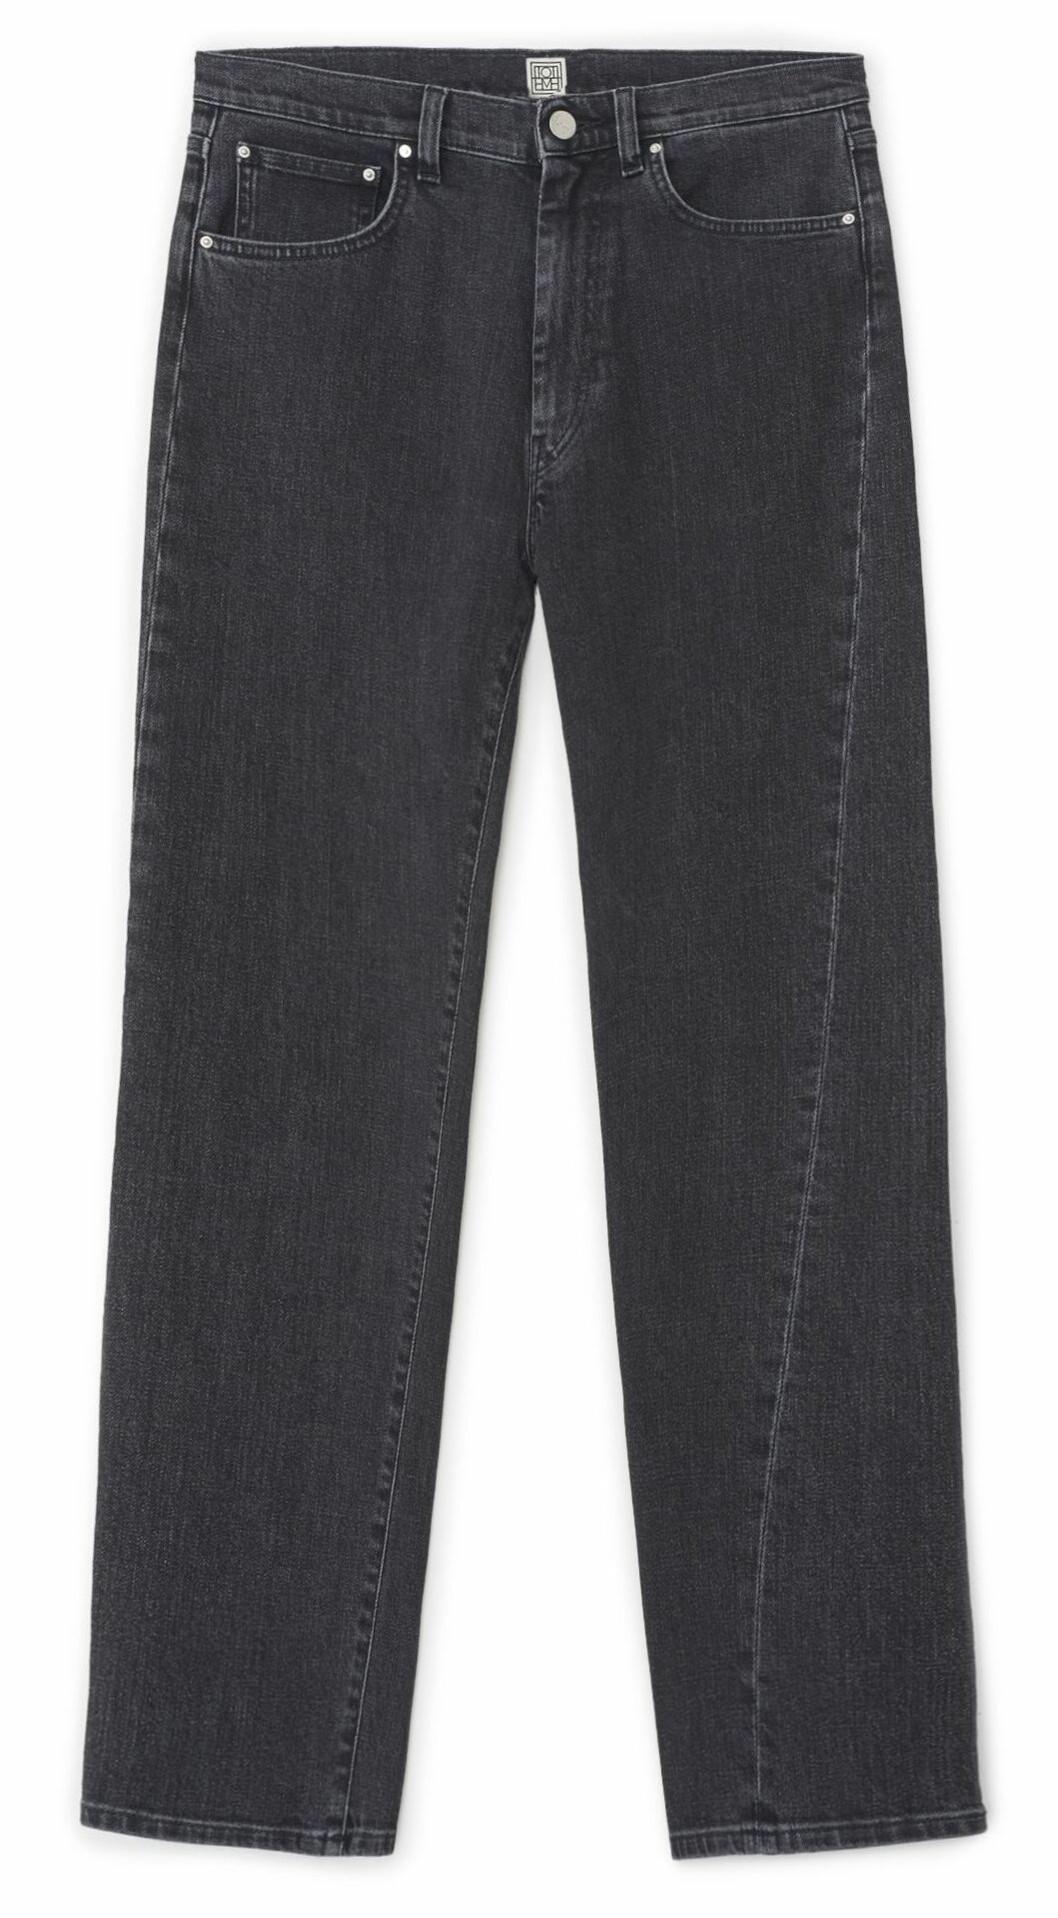 Jeans i grå tvätt från Totême.